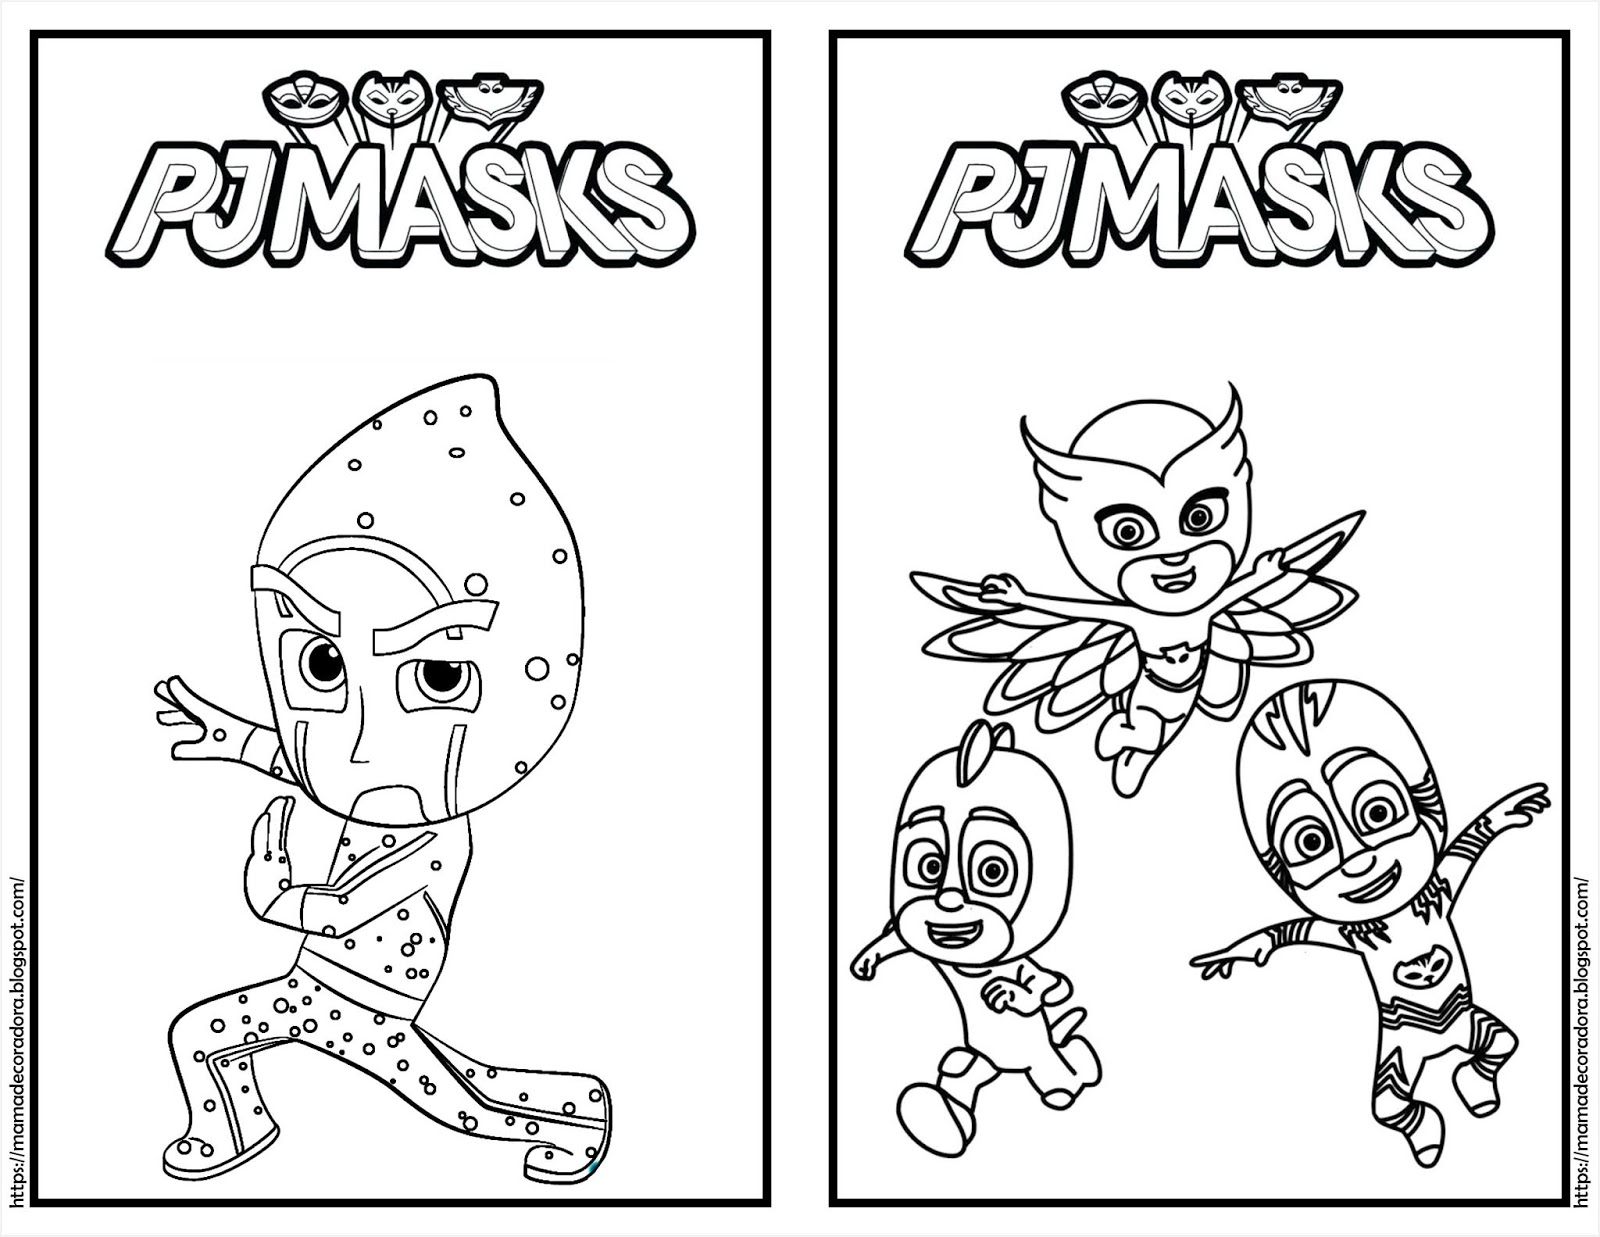 Mamá Decoradora Librito Para Colorear Gratis De Pjmask